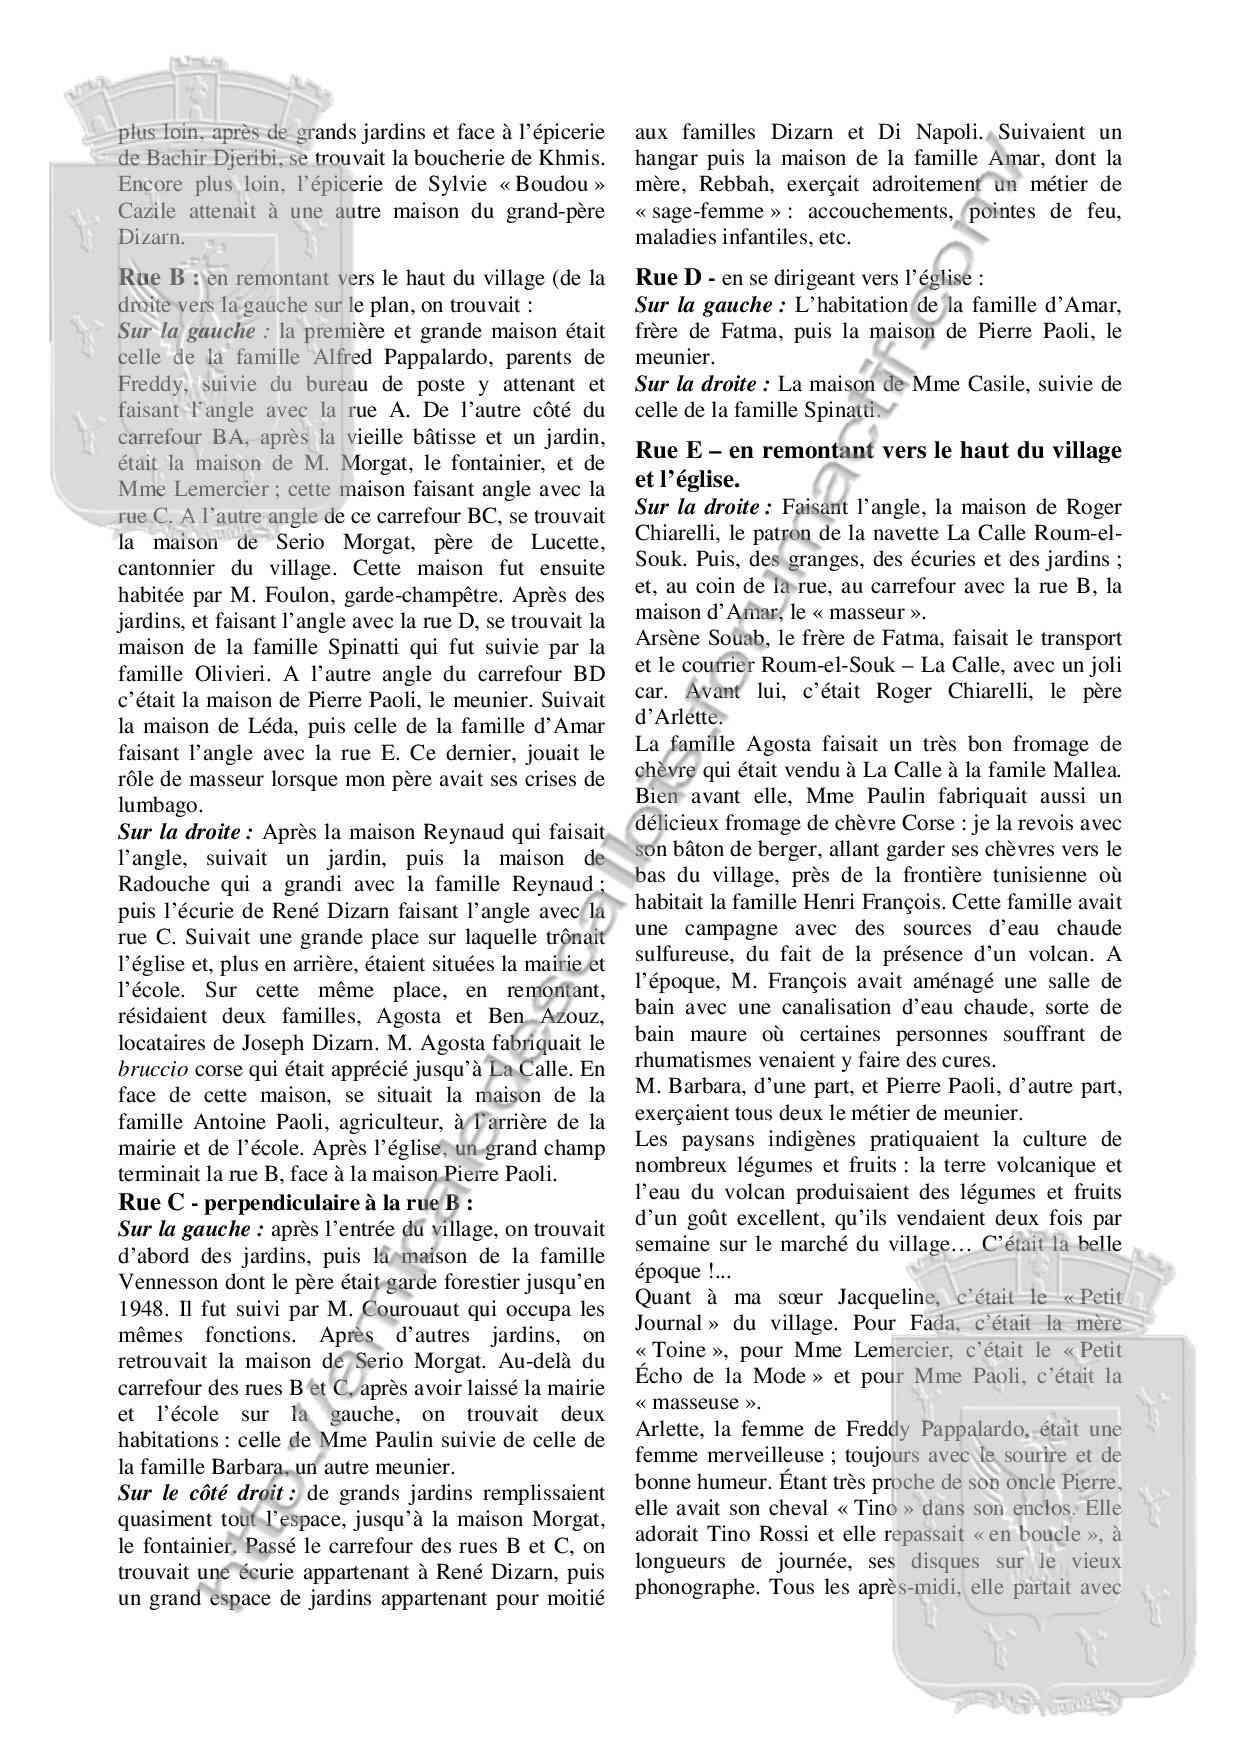 ROUM – EL – SOUK - Article paru sur le PC n° 127 Roum-e12